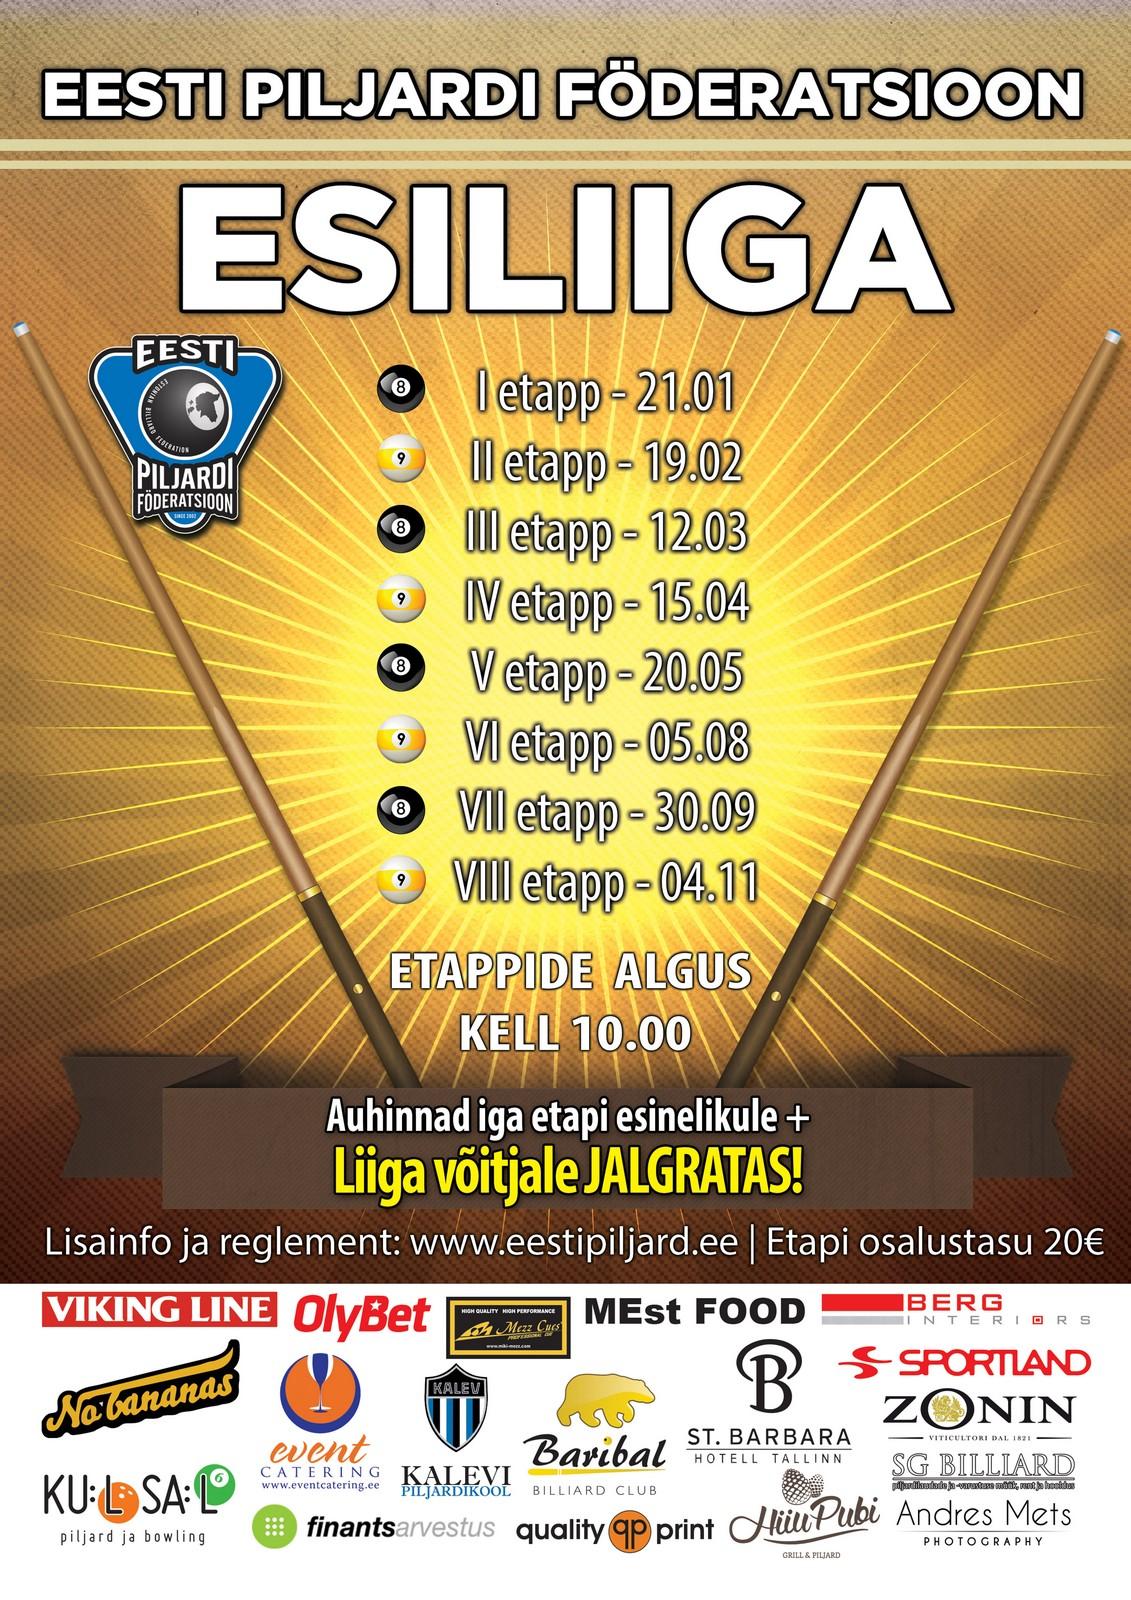 Eesti Piljardi Föderatsioon - Esiliiga kalender 2017